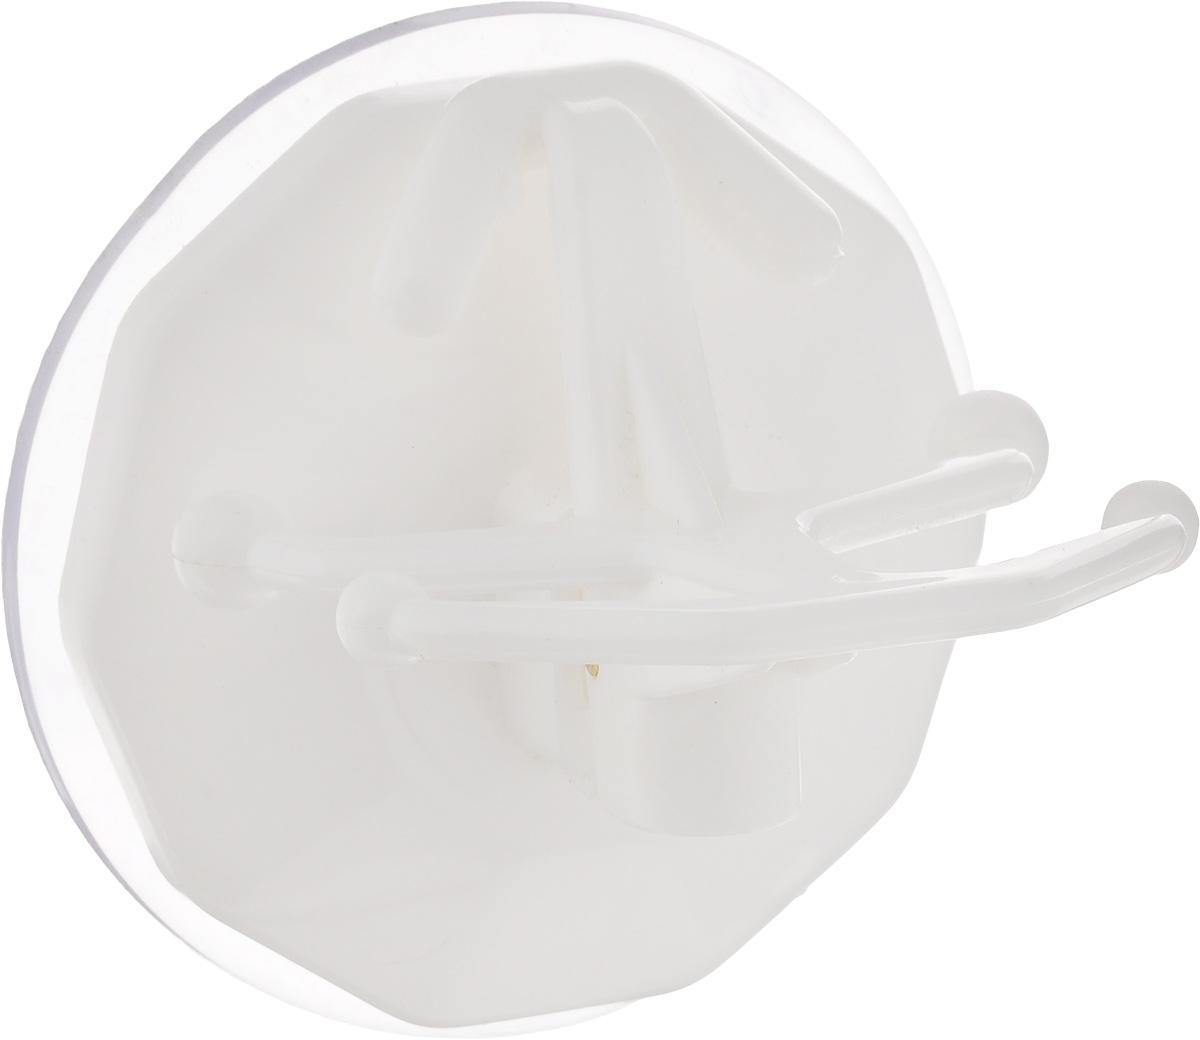 Вешалка настенная Gimi Bingo, на присоске, цвет: белый, 5 крючков1706050003001/белый/1706050003001Вешалка настенная Gimi Bingo, выполненная из пластика, станет отличным решением для прихожей, ванной или кухни. Вешалка имеет 5 крючков, на которые вы сможете повесить ваши вещи. Прочная присоска надежно крепится к стене и не оставляет разводов и пятен. Практичная настенная вешалка поможет организовать пространство в вашем доме.Особенности вешалки:- успешно работает в интервале температур от -20°С до +60°С; - выдерживает нагрузку до 20 кг; - может служить годами, не требуя перевешивания; - без усилий снимается и перевешивается на новое место.